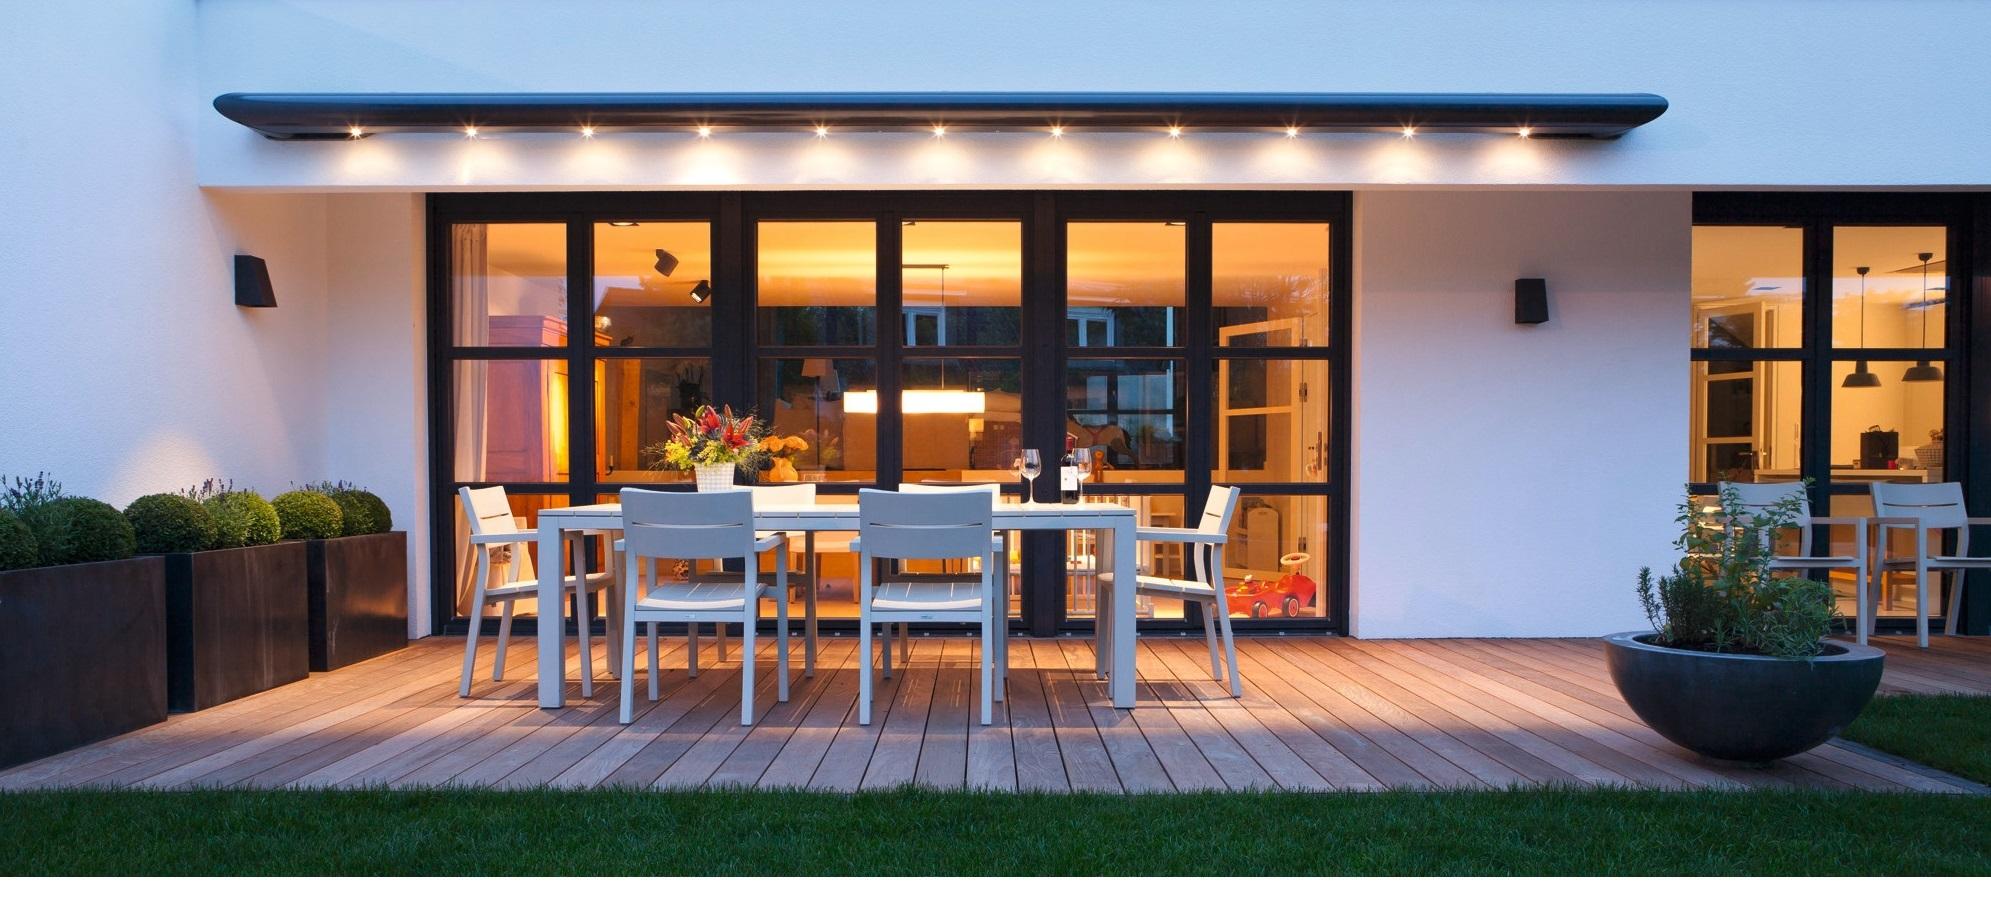 Sonnenschutz Terrassenuberdachung Innenbeschattung ~ Planegger gmbh in graz sonnenschutz jalousien rollos